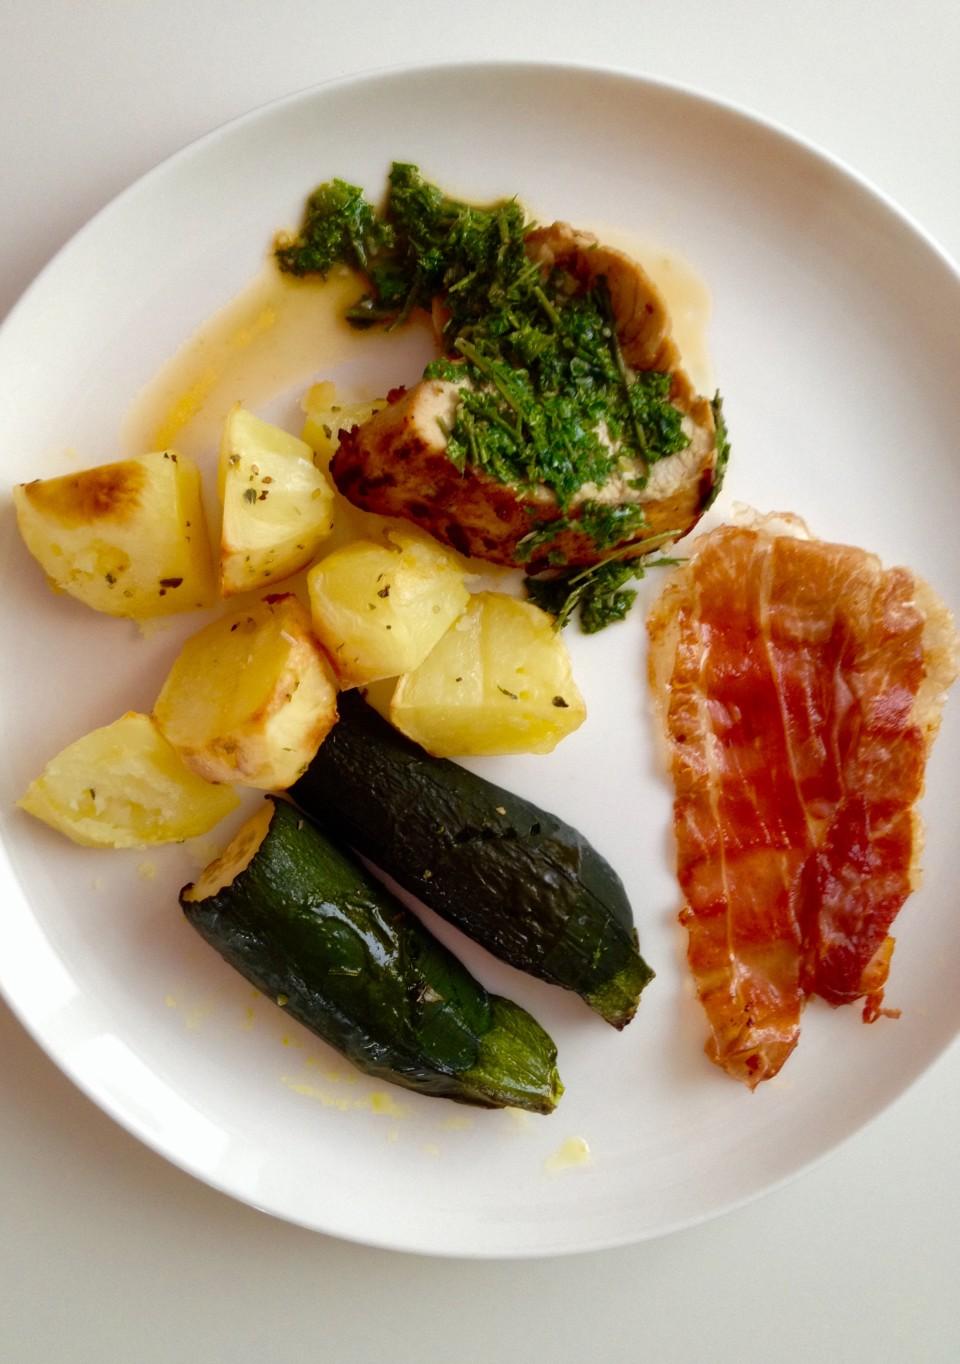 Pierś z indyka w sosie chimichurri, chipsem z prosciutto crudo i warzywami